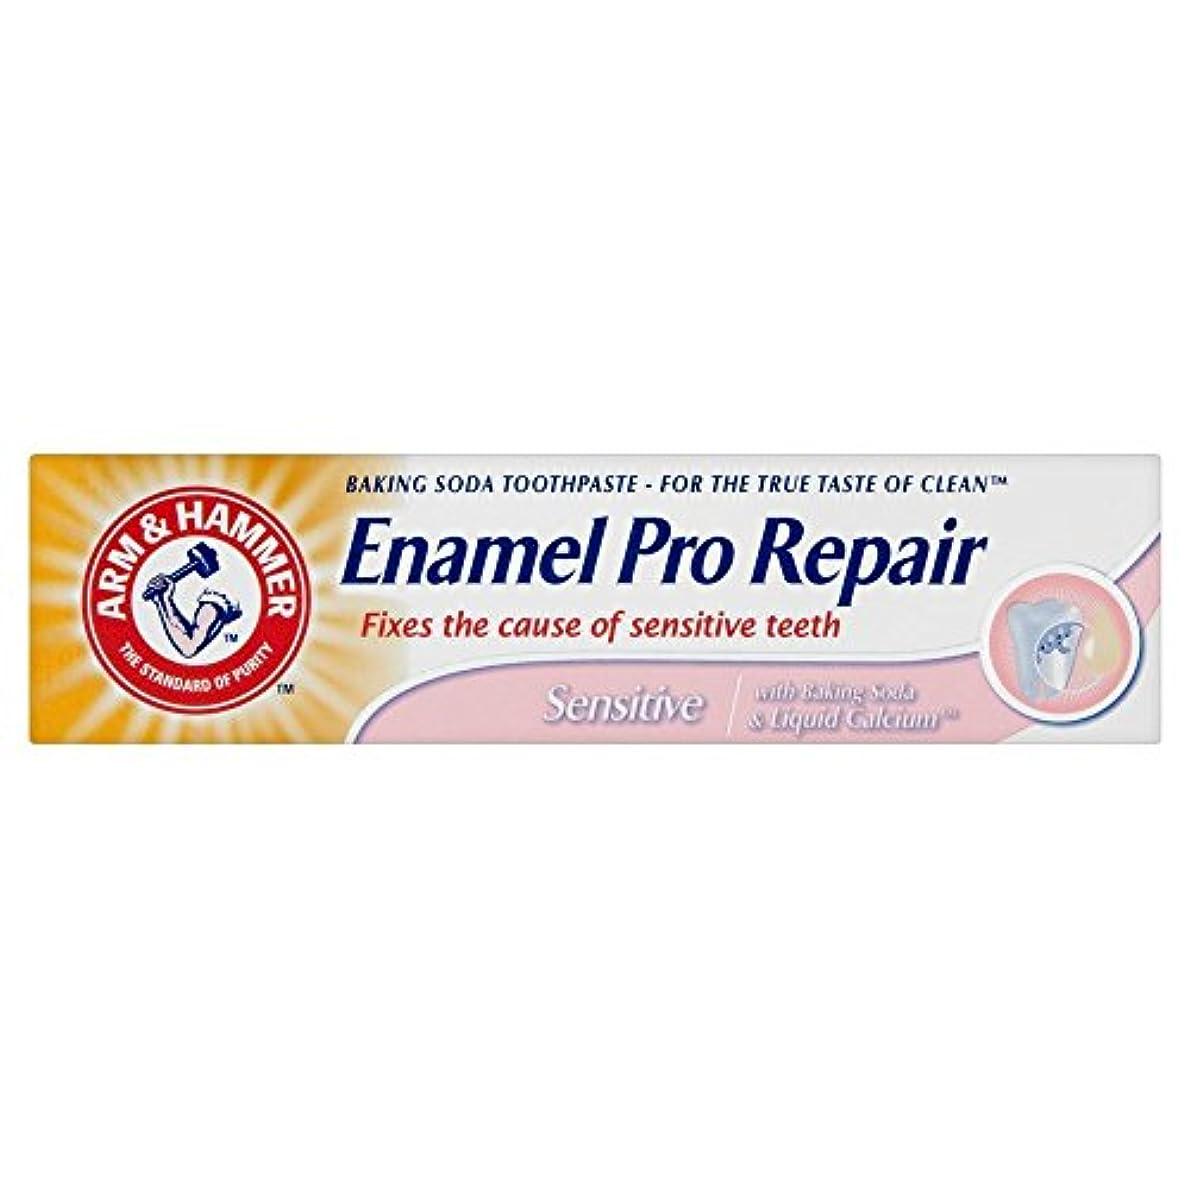 朝環境バリケードArm & Hammer Enamel Care Sensitive Toothpaste Tube (75ml) アームとハンマーエナメルケア敏感歯磨き粉のチューブ( 75ミリリットル) [並行輸入品]